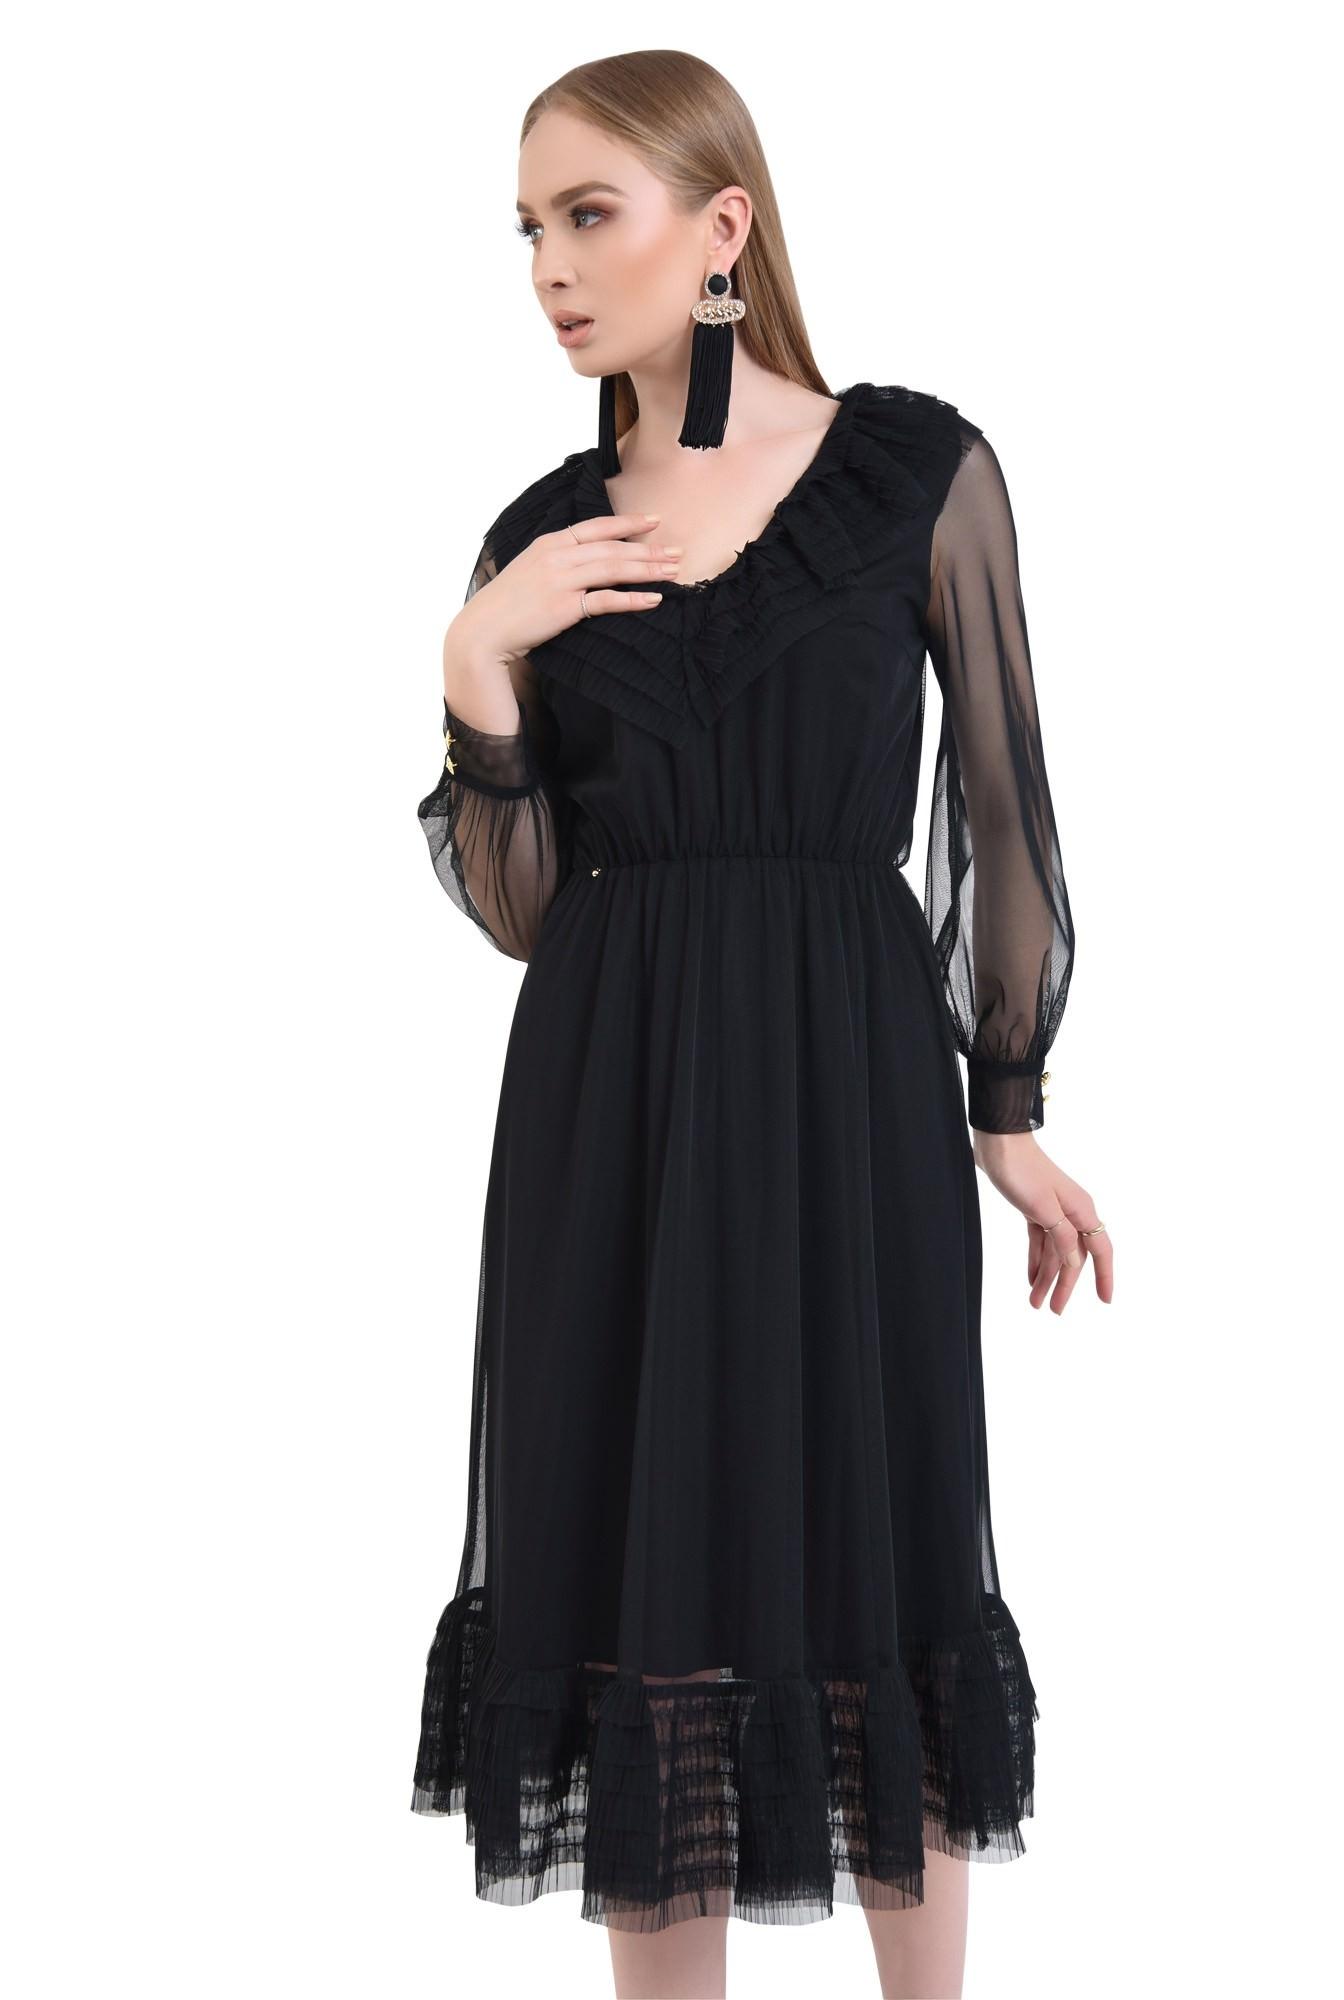 0 - Rochie de ocazie, tulle negru